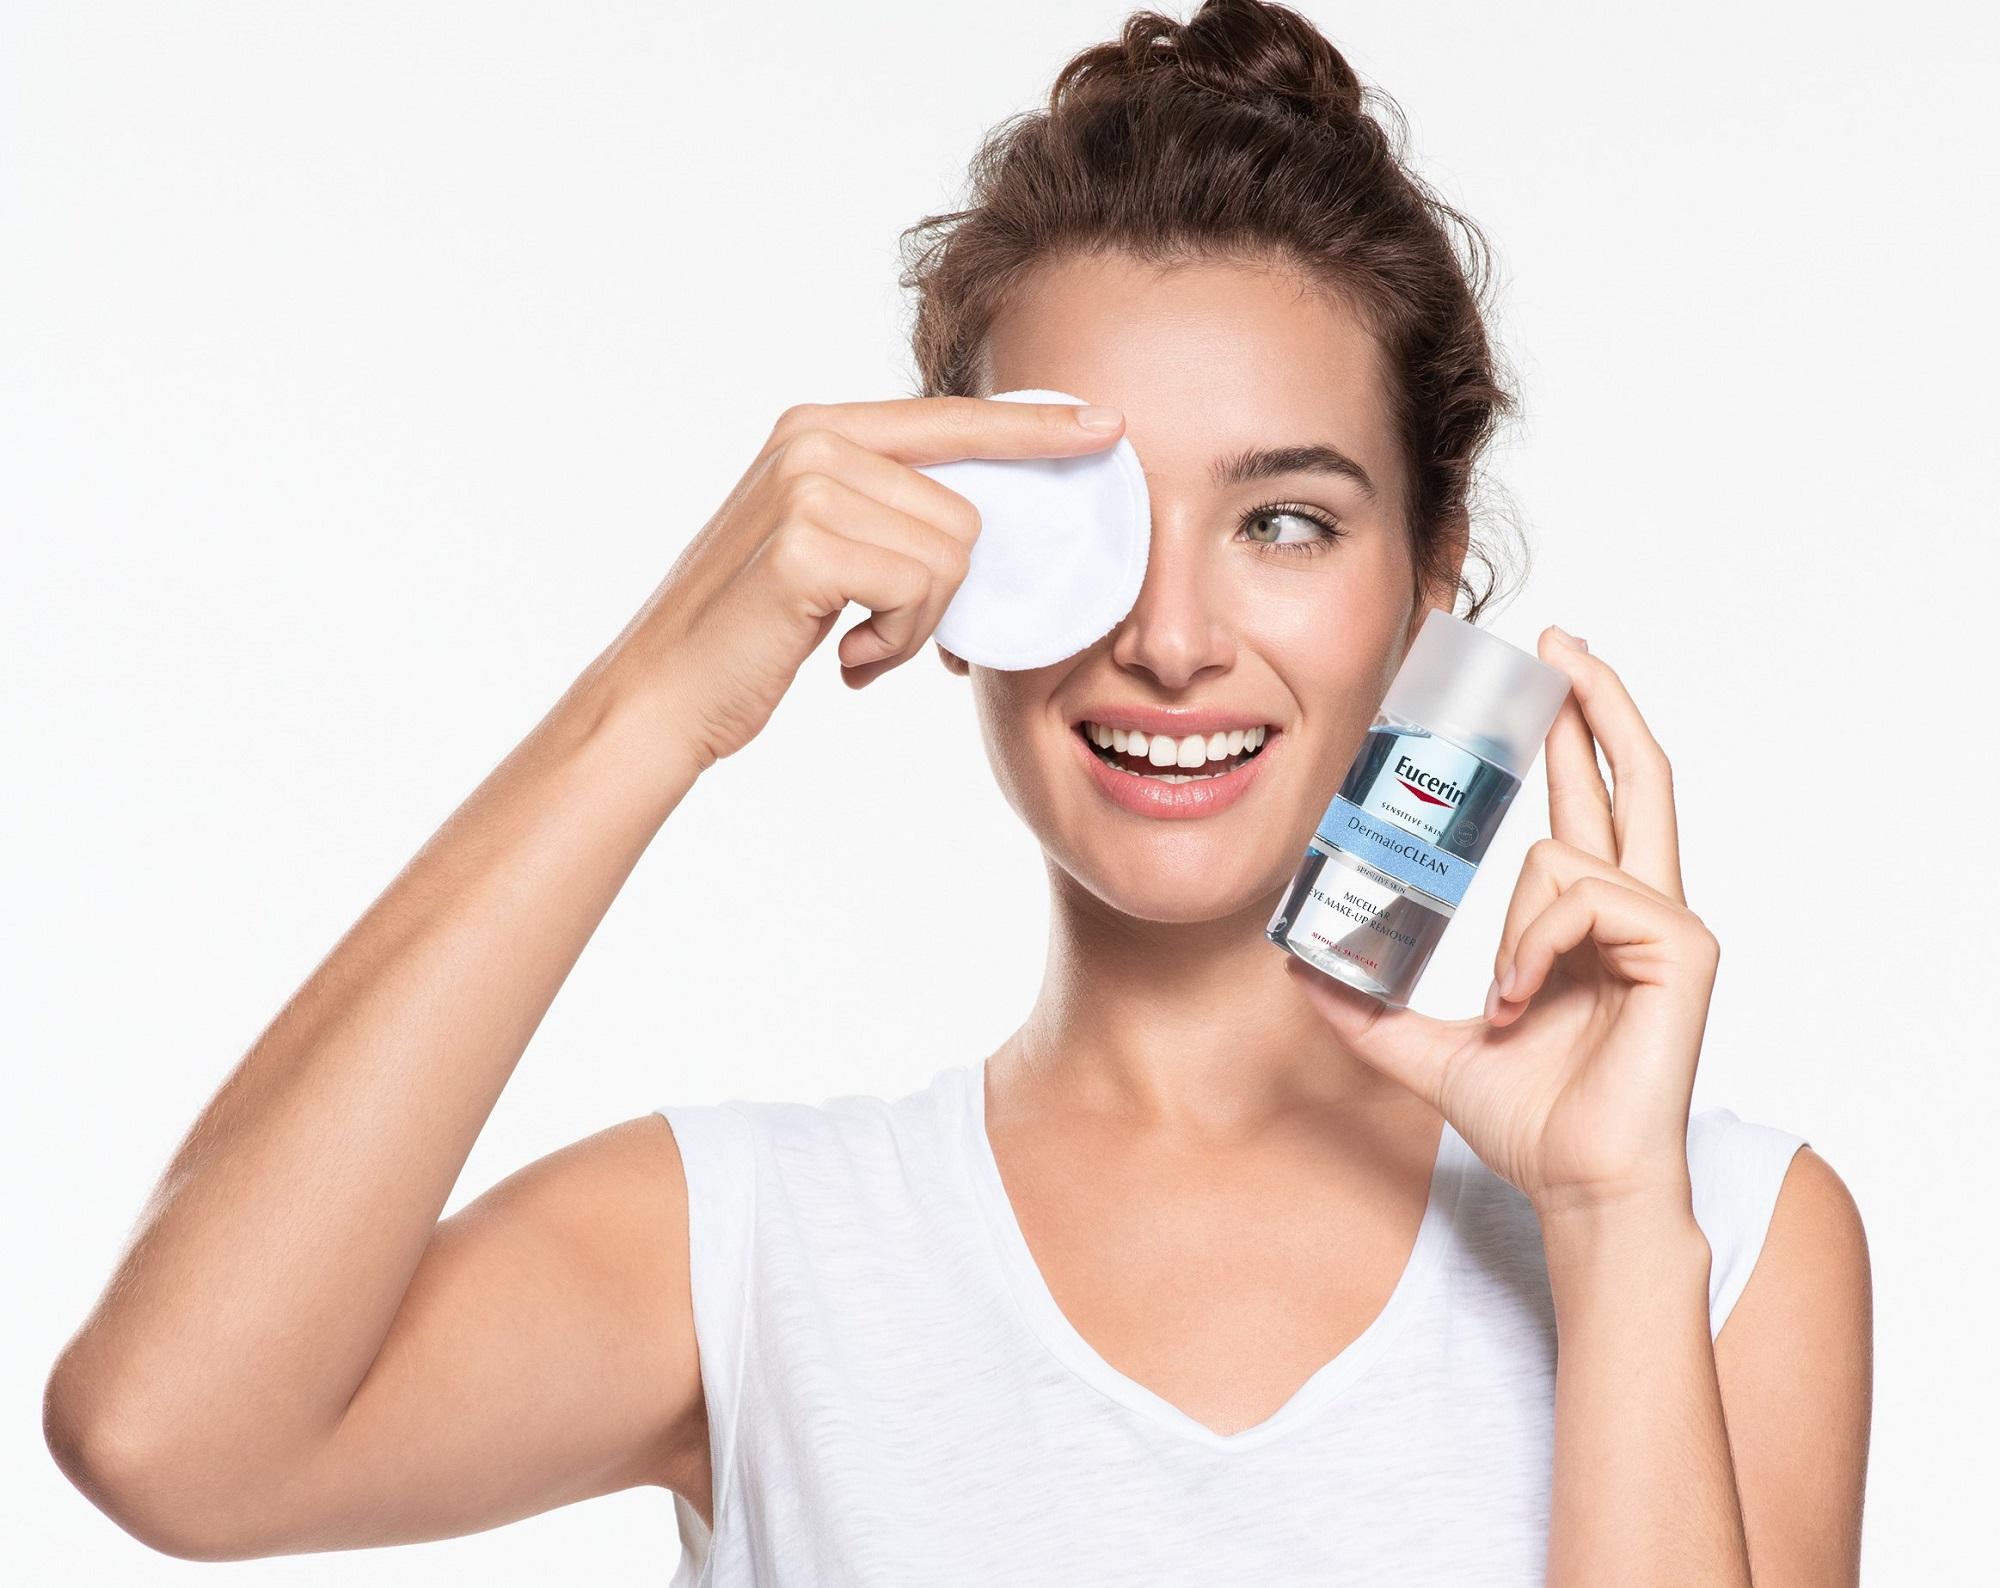 Čišćenje lica sada vam pruža više